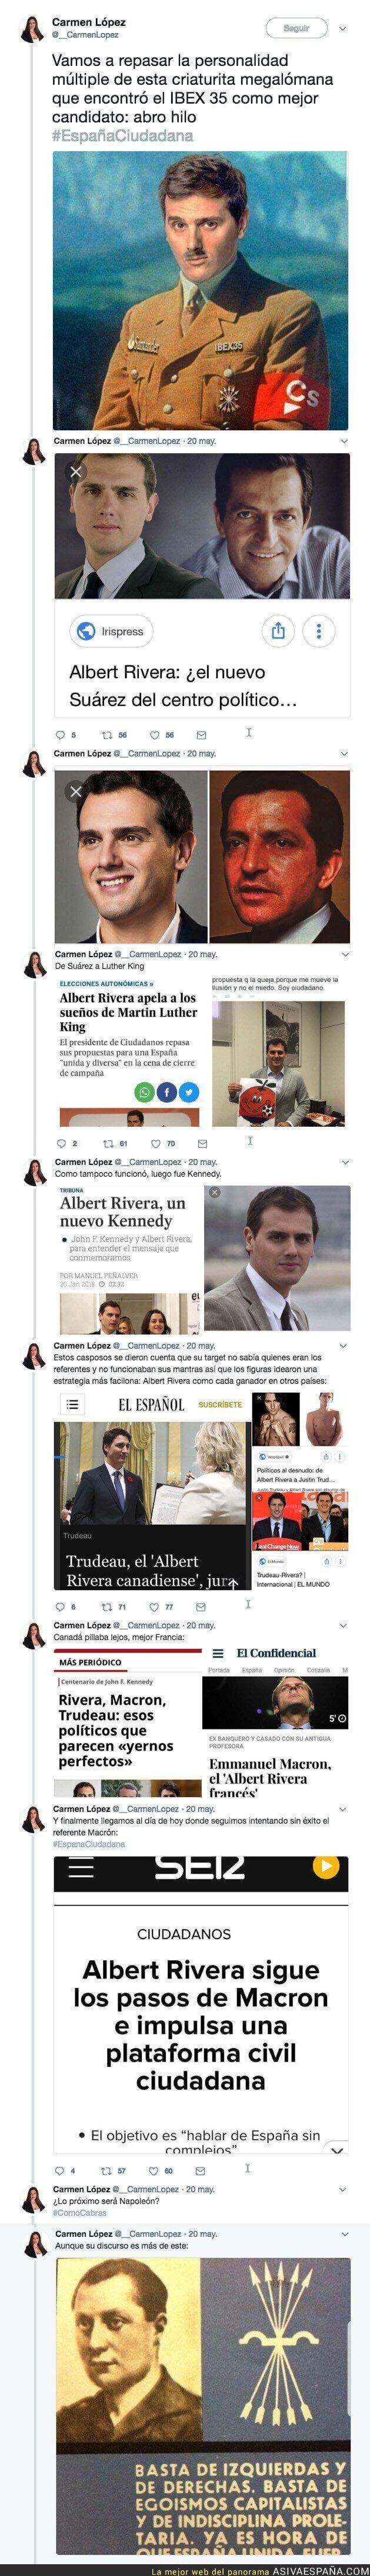 87191 - Esto es Albert Rivera para la prensa (y el IBEX)